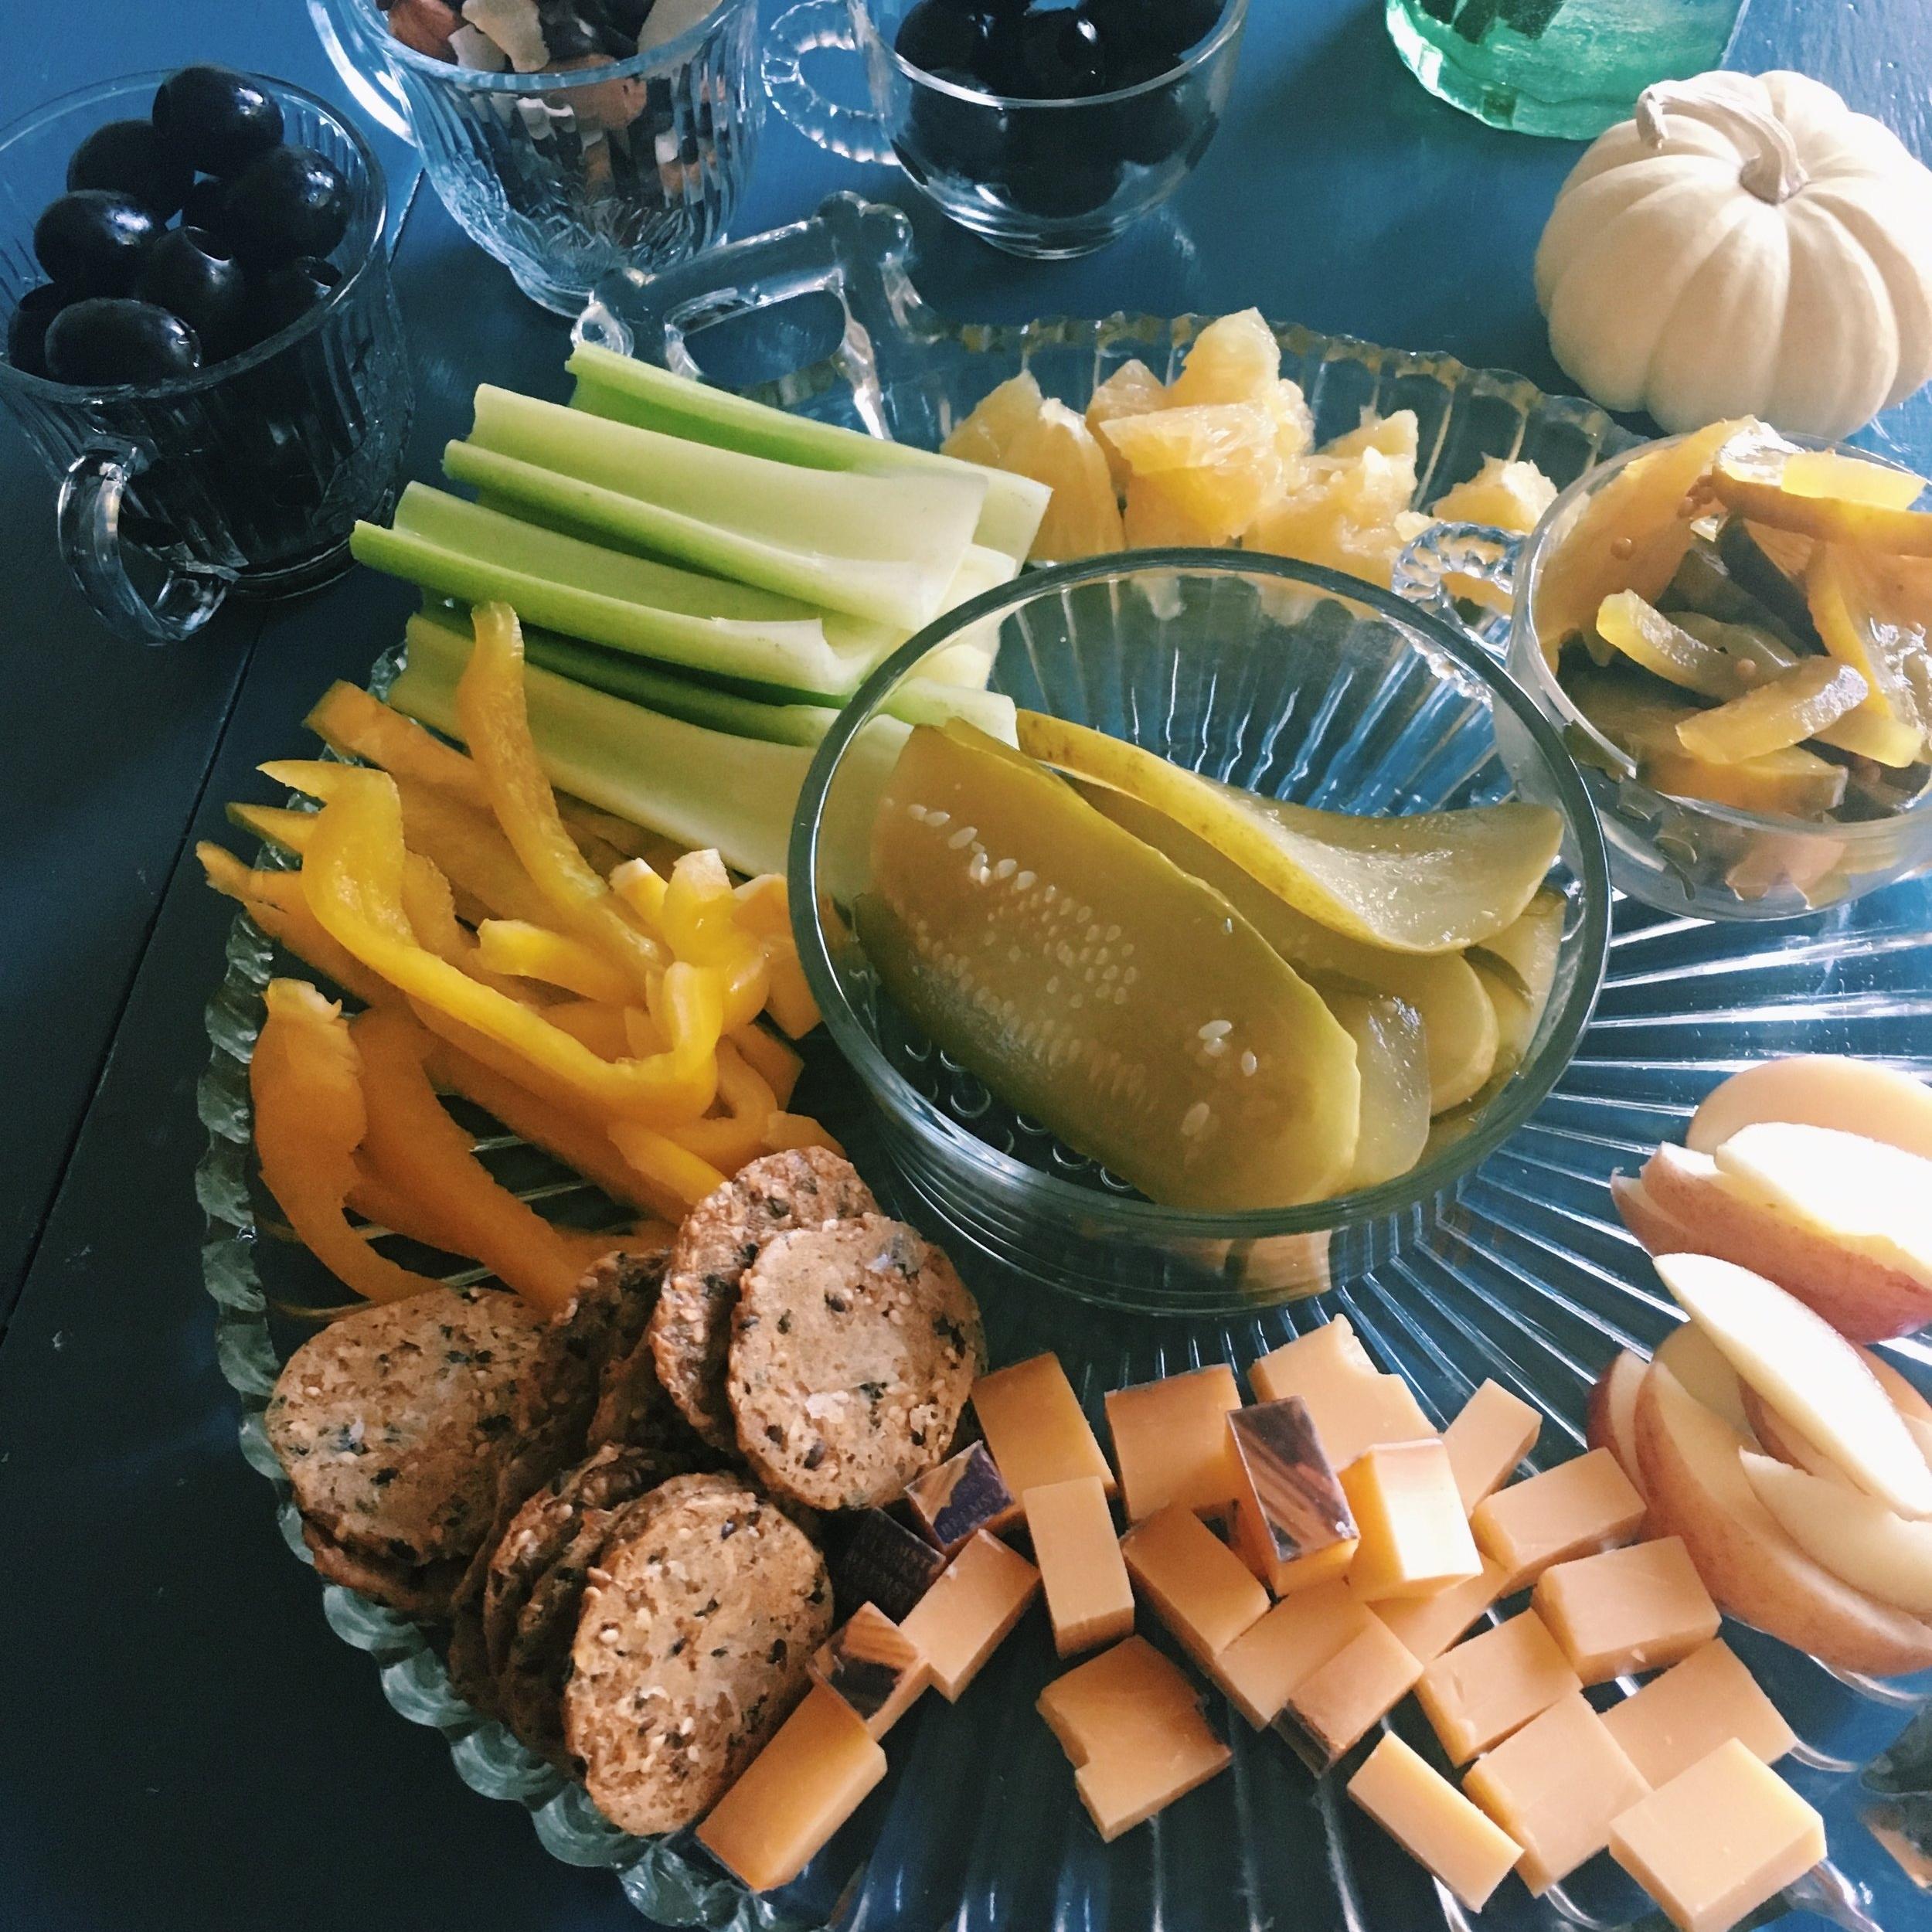 Thanksgiving Day Pre-Dinner Snacks